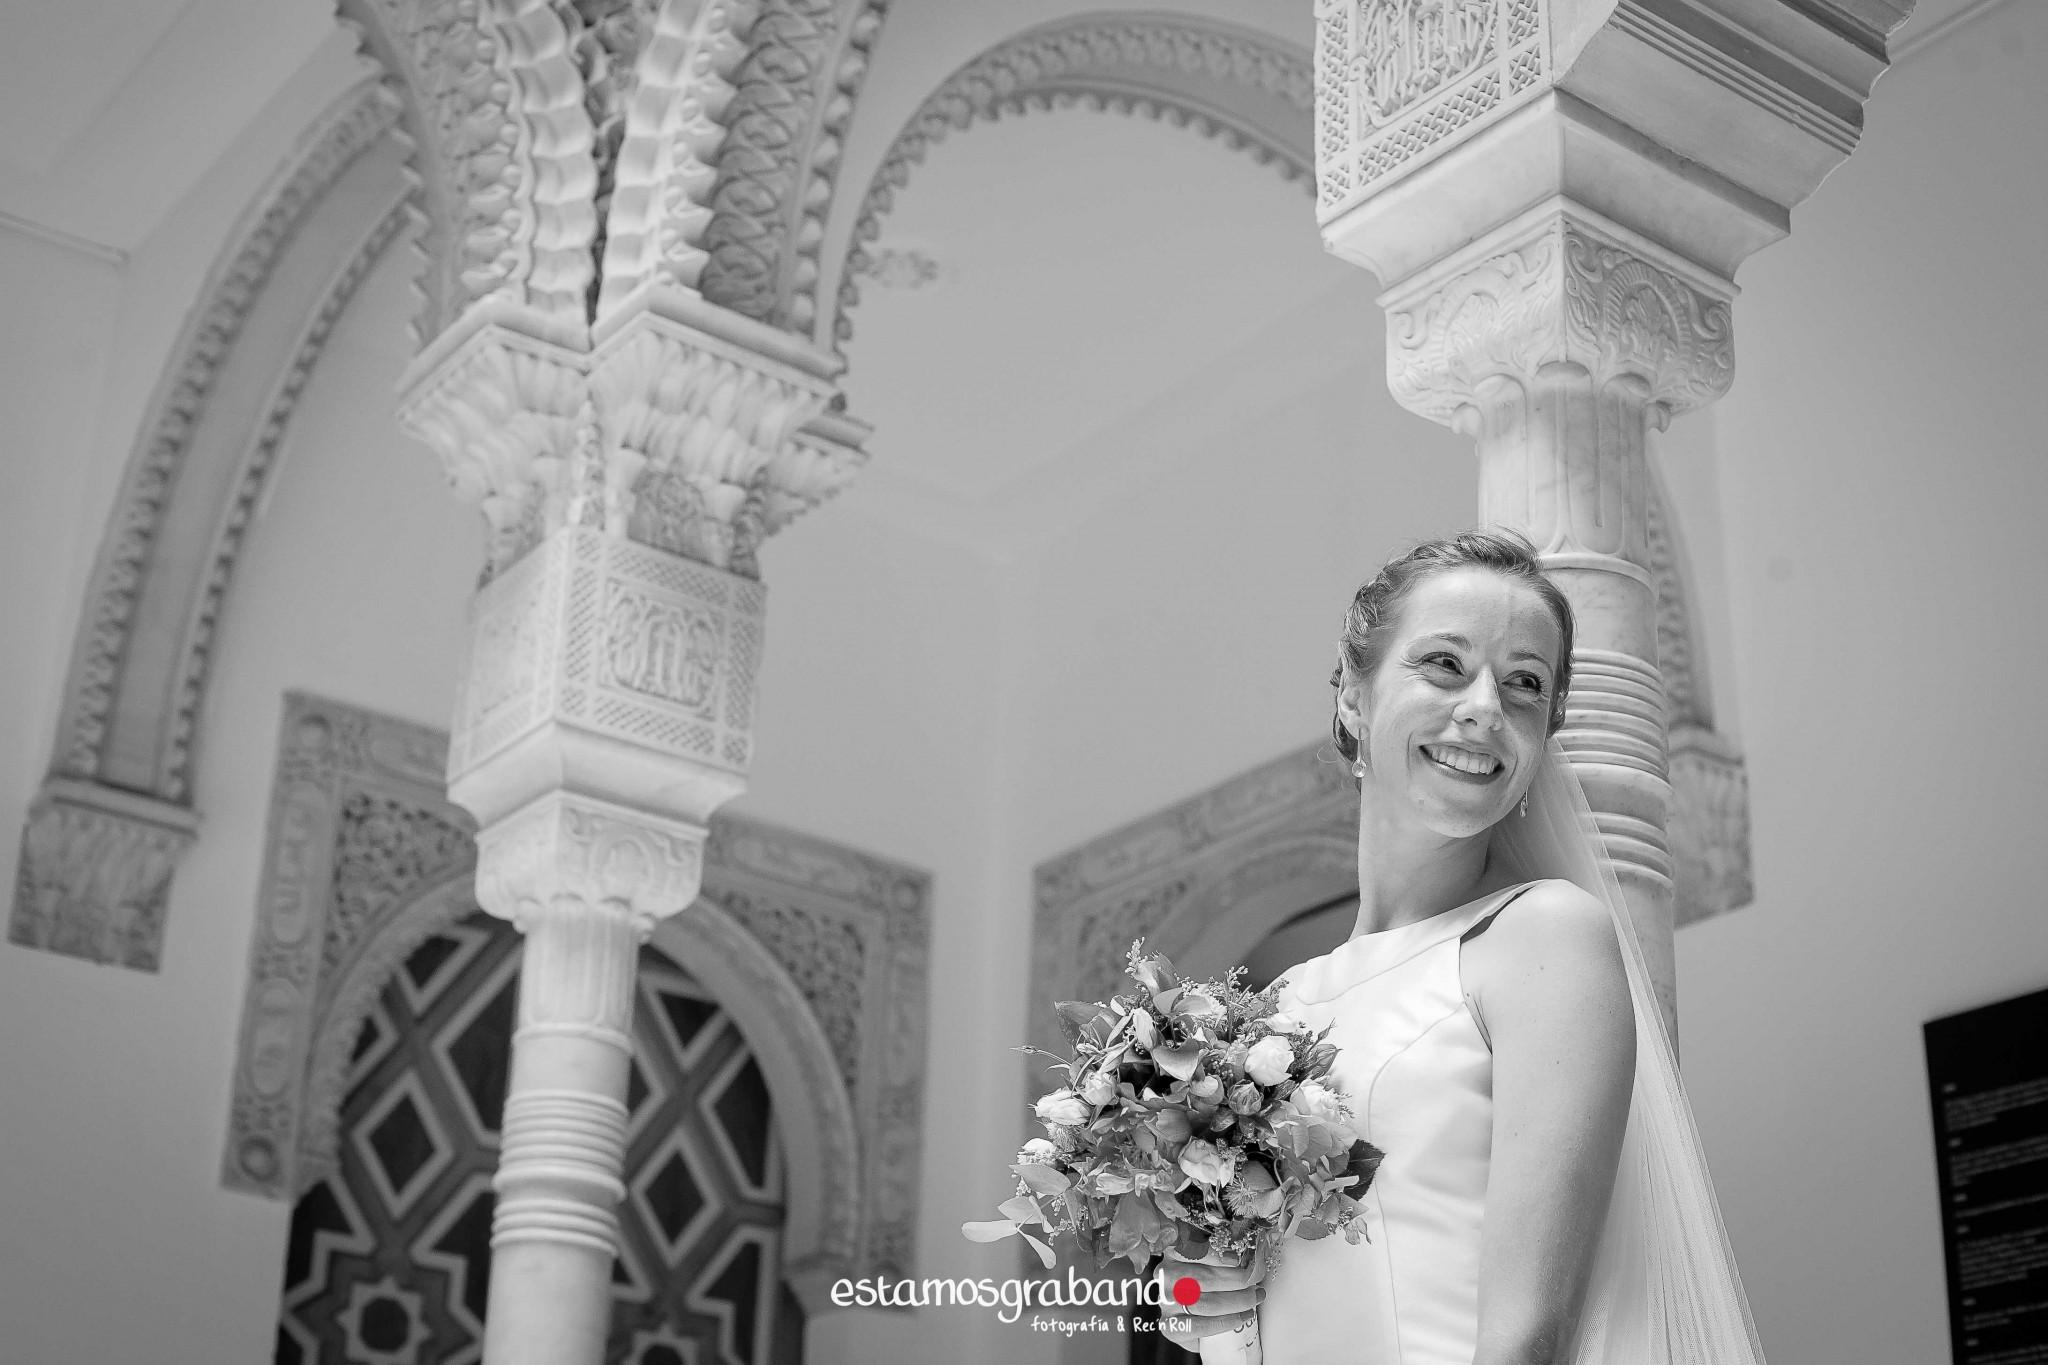 fotografo-de-bodas-jerez_mari-paz-jaime_bodegas-tradiciocc81n-33 32 escalones [Fotografía de bodas Jerez_Mari Paz & Jaime] - video boda cadiz